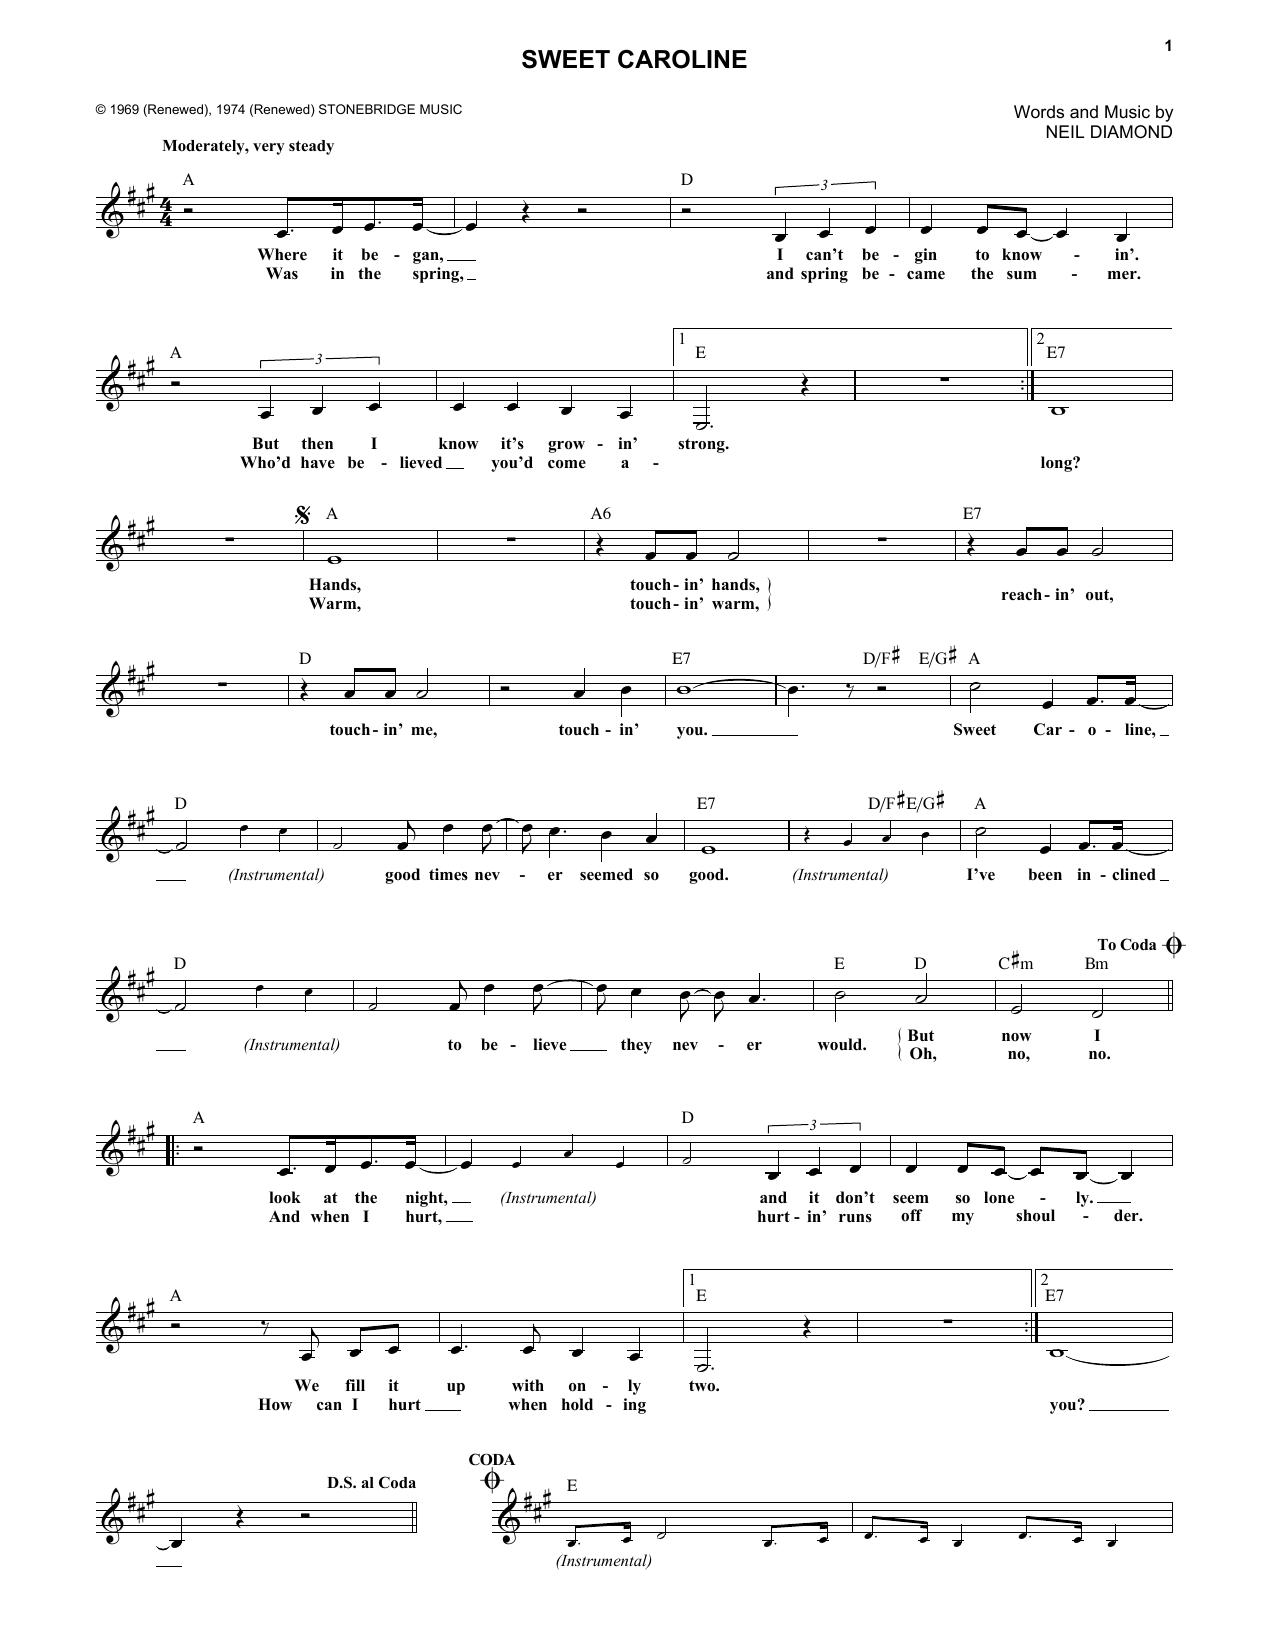 Sweet Caroline | Sheet Music Direct